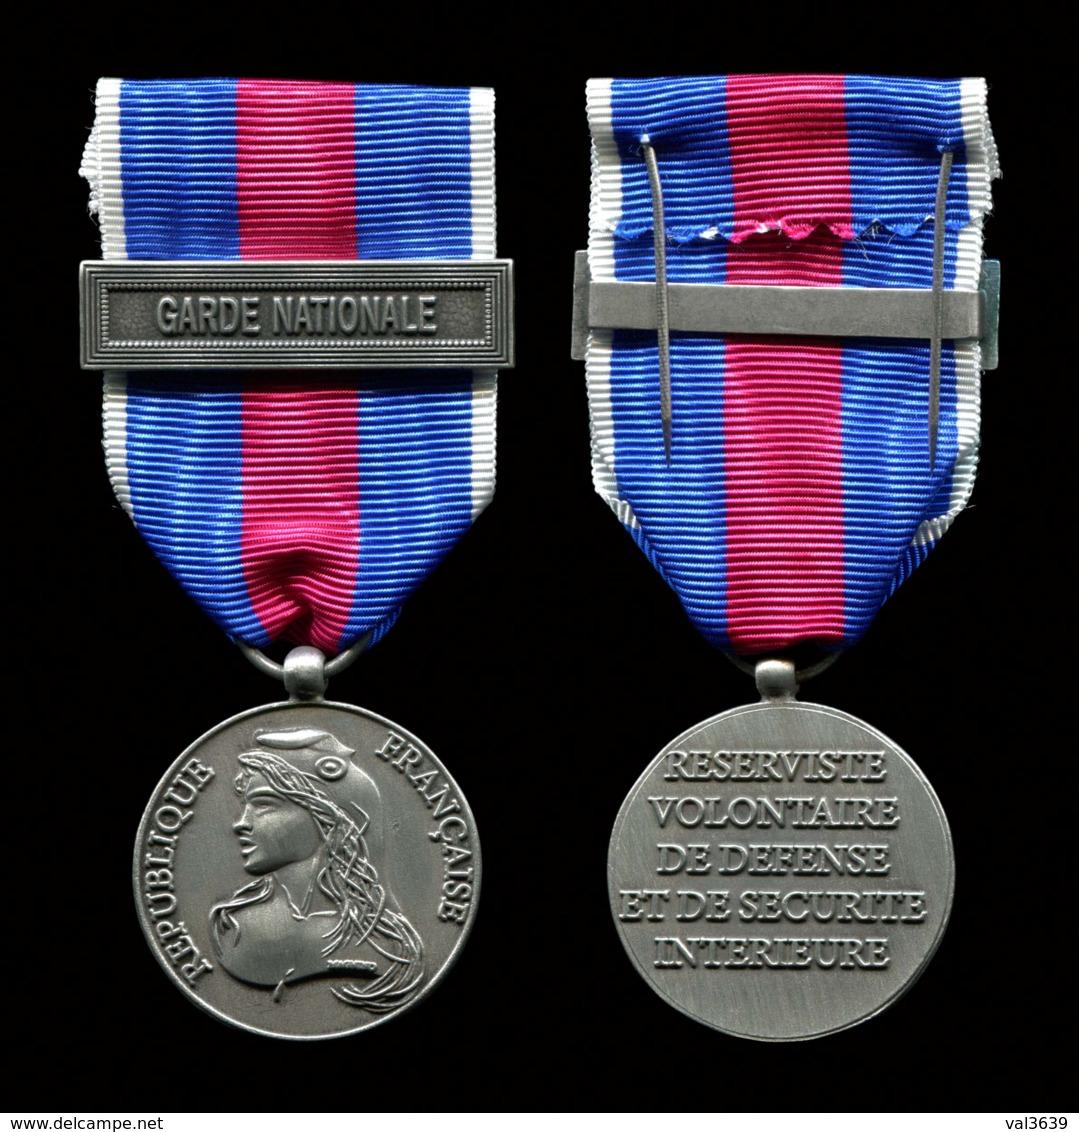 Médaille Du Réserviste Volontaire De Défense Et De Sécurité Intérieure échelon Argent, Agrafe Garde Nationale. - France